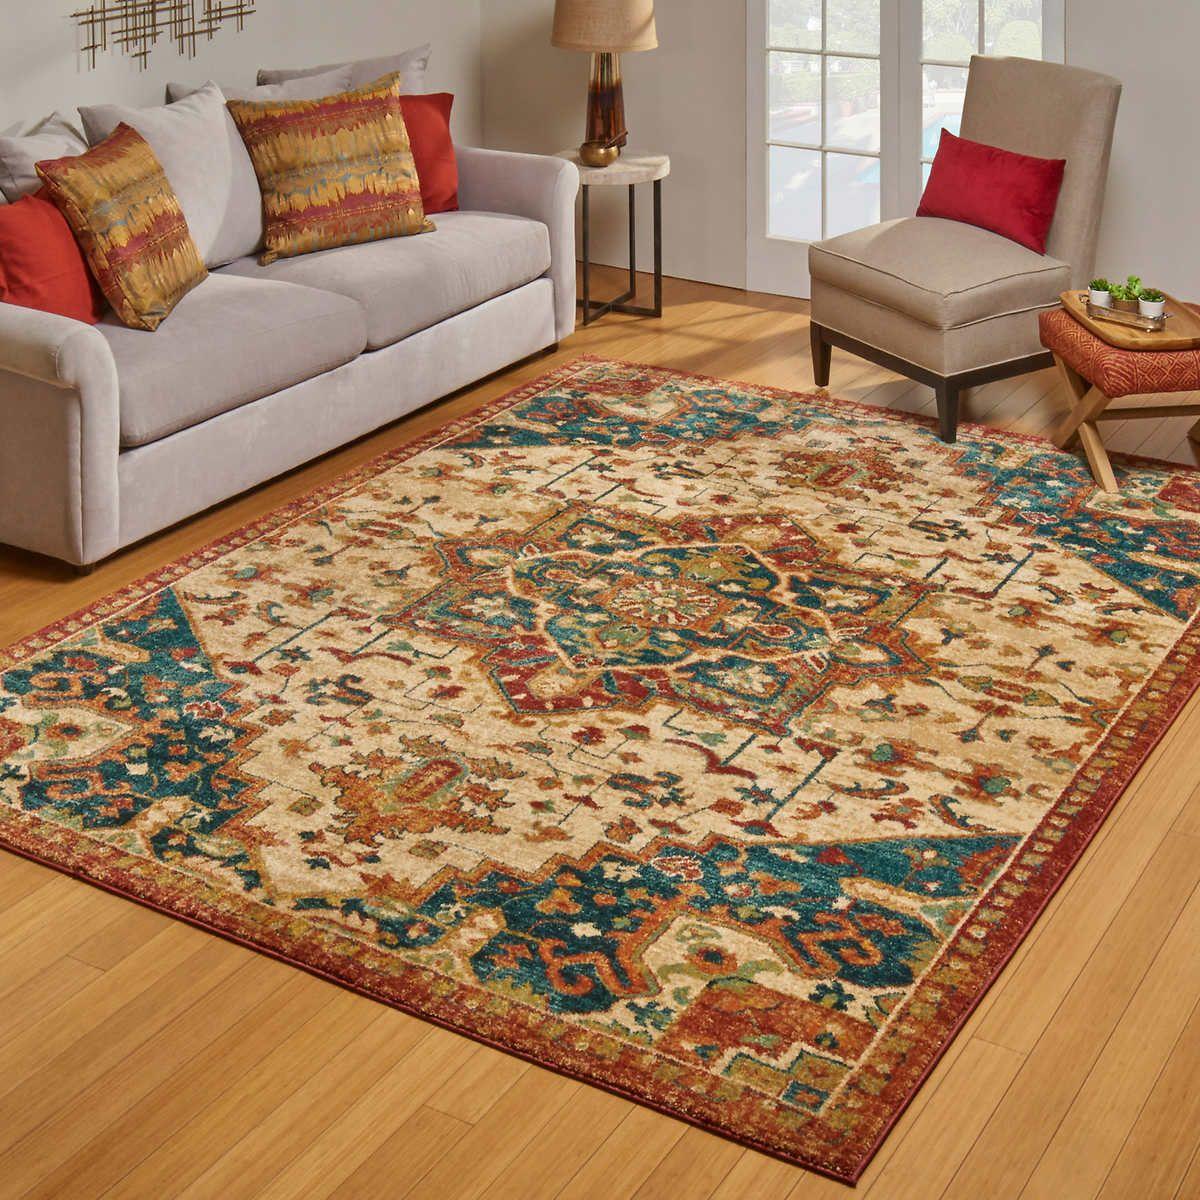 Atelier Collection By Stanton Carpet Wyeth Color Quicksilver Stanton Carpet Living Room Carpet Carpet Deals